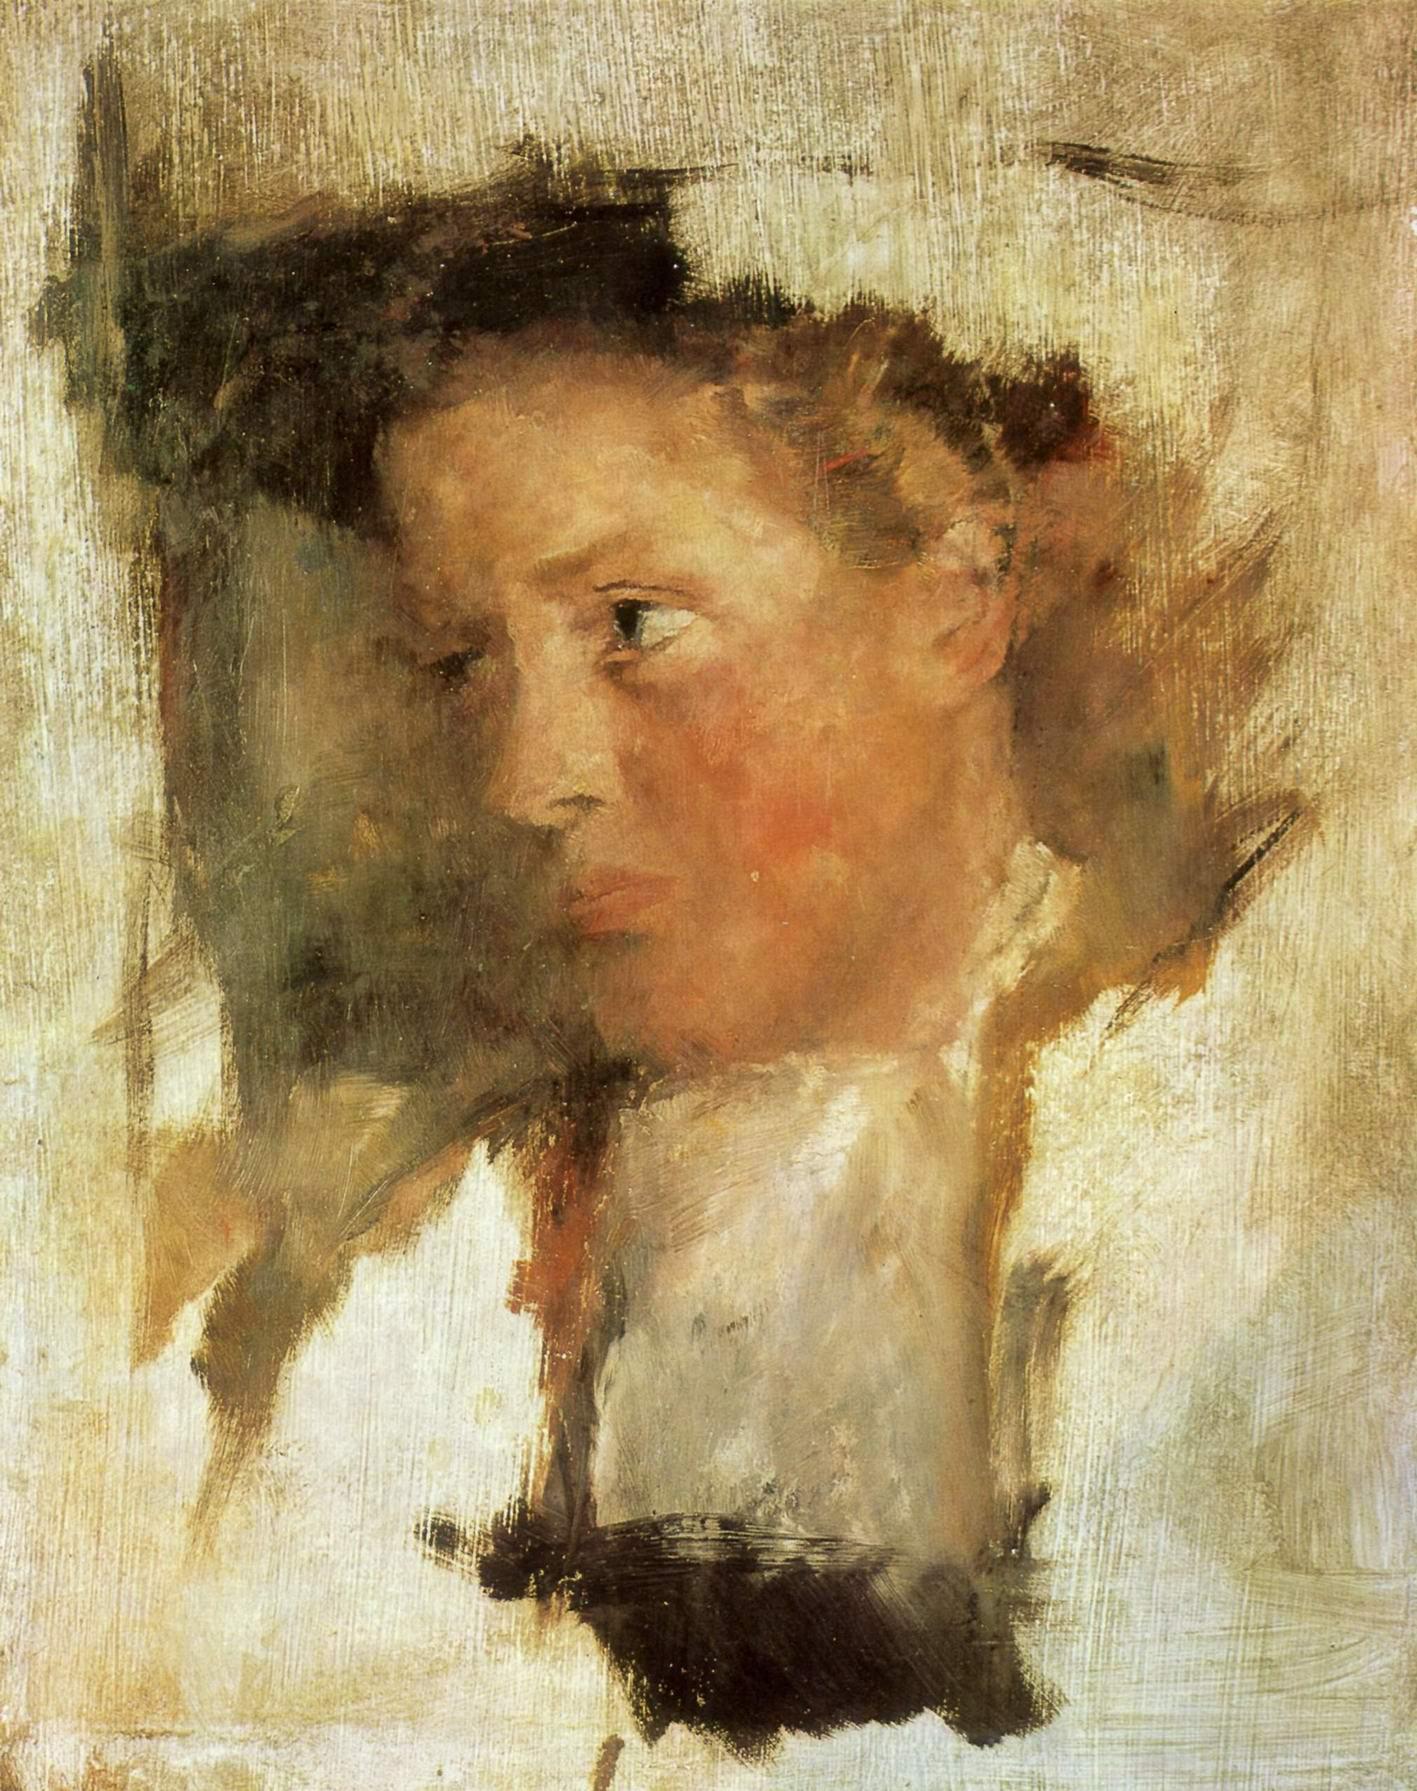 Крестьянка из Мисбаха, Лейбль Вильгельм Мария Хубертус